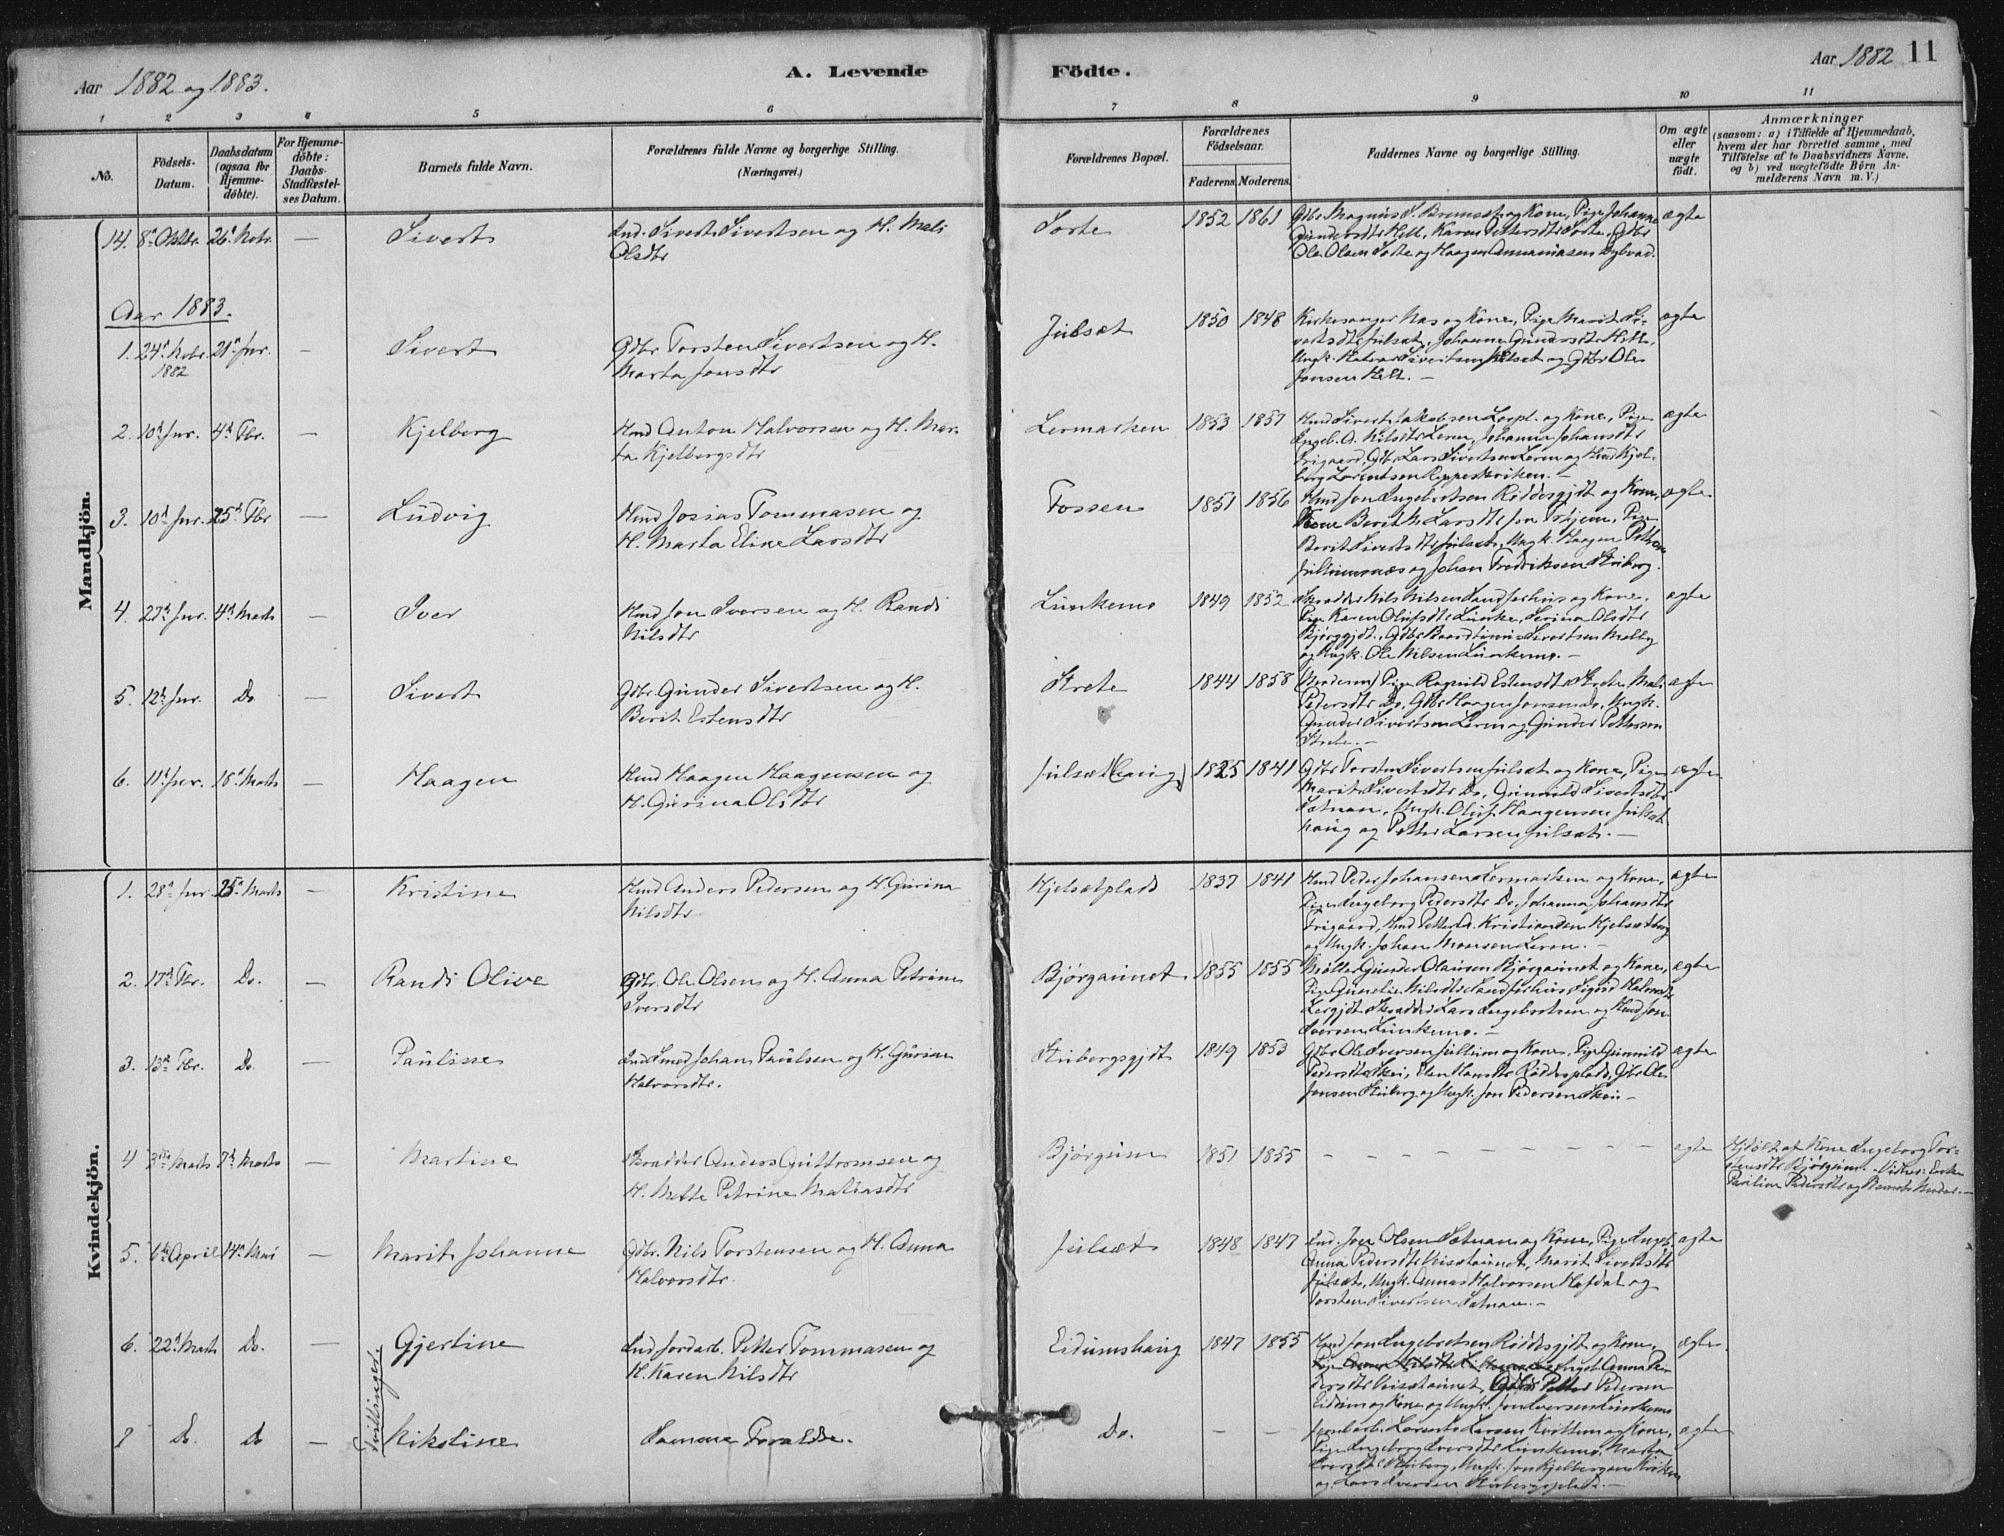 SAT, Ministerialprotokoller, klokkerbøker og fødselsregistre - Nord-Trøndelag, 710/L0095: Ministerialbok nr. 710A01, 1880-1914, s. 11